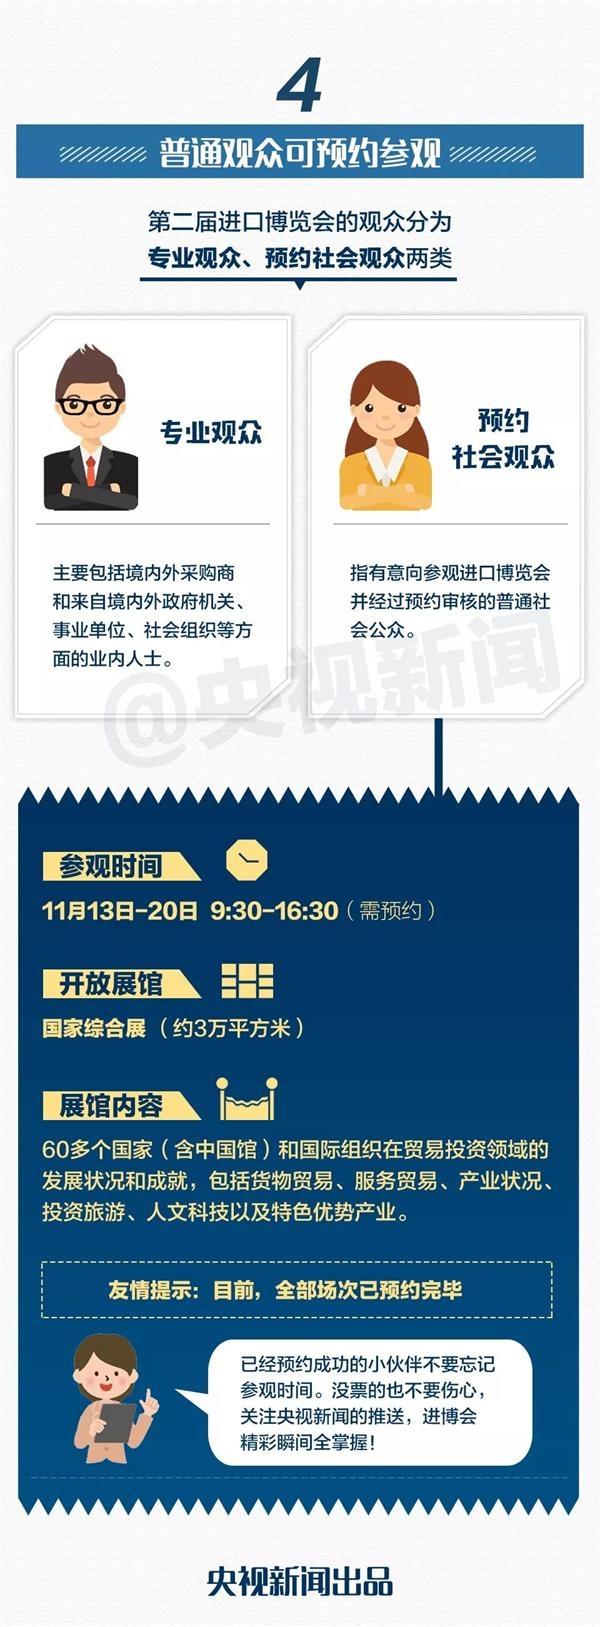 习近平谈中国国际进口博览会:迎五洲客 计天下利